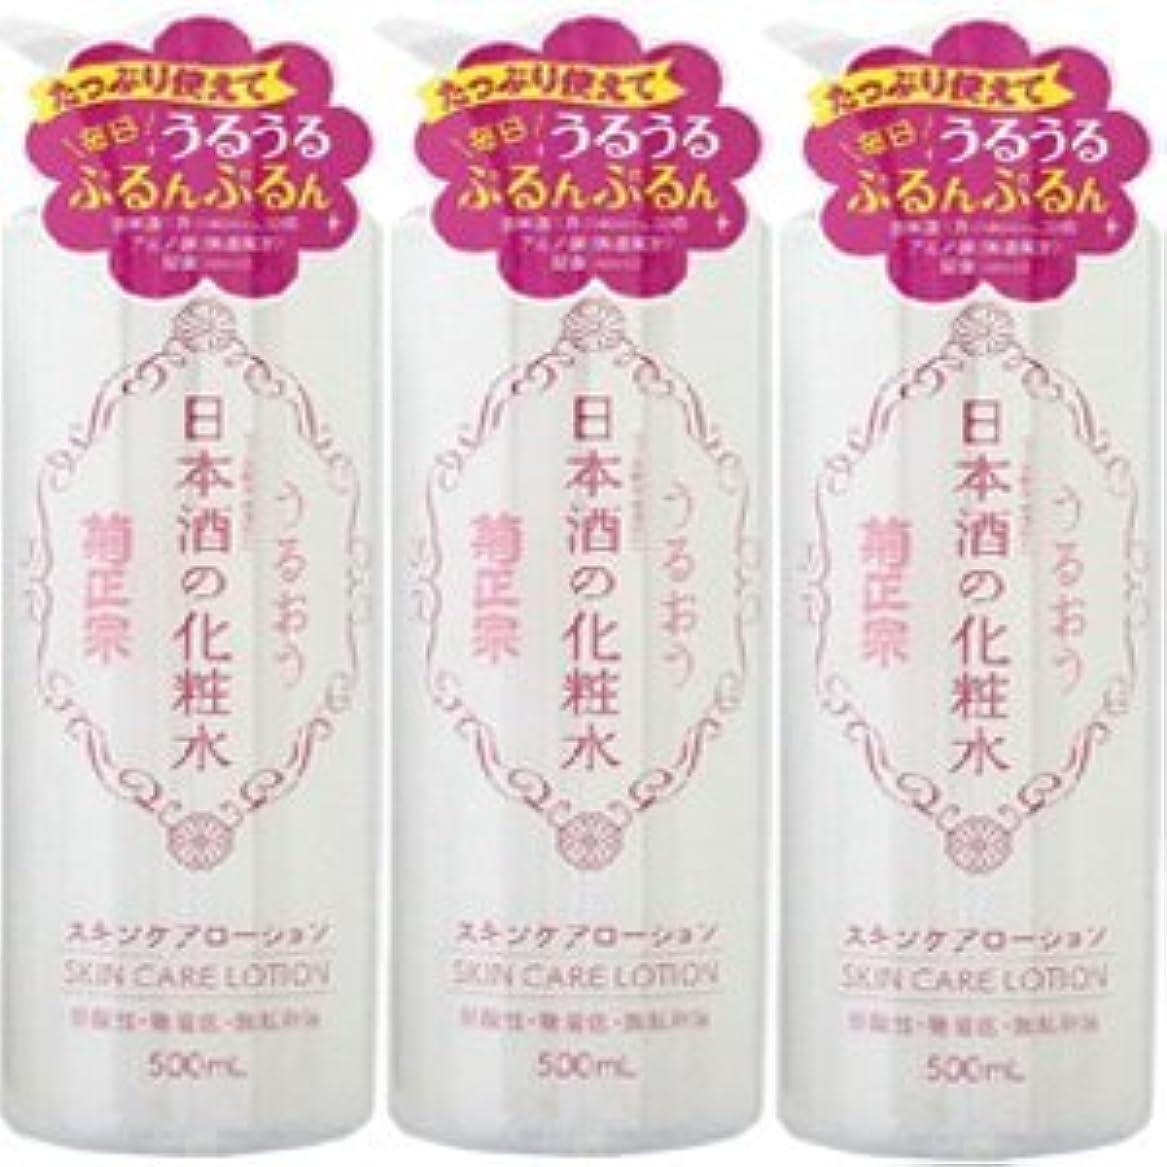 四回しないアーサー【3個】 菊正宗 日本酒の化粧水 500mlx3個 (4971650800486)